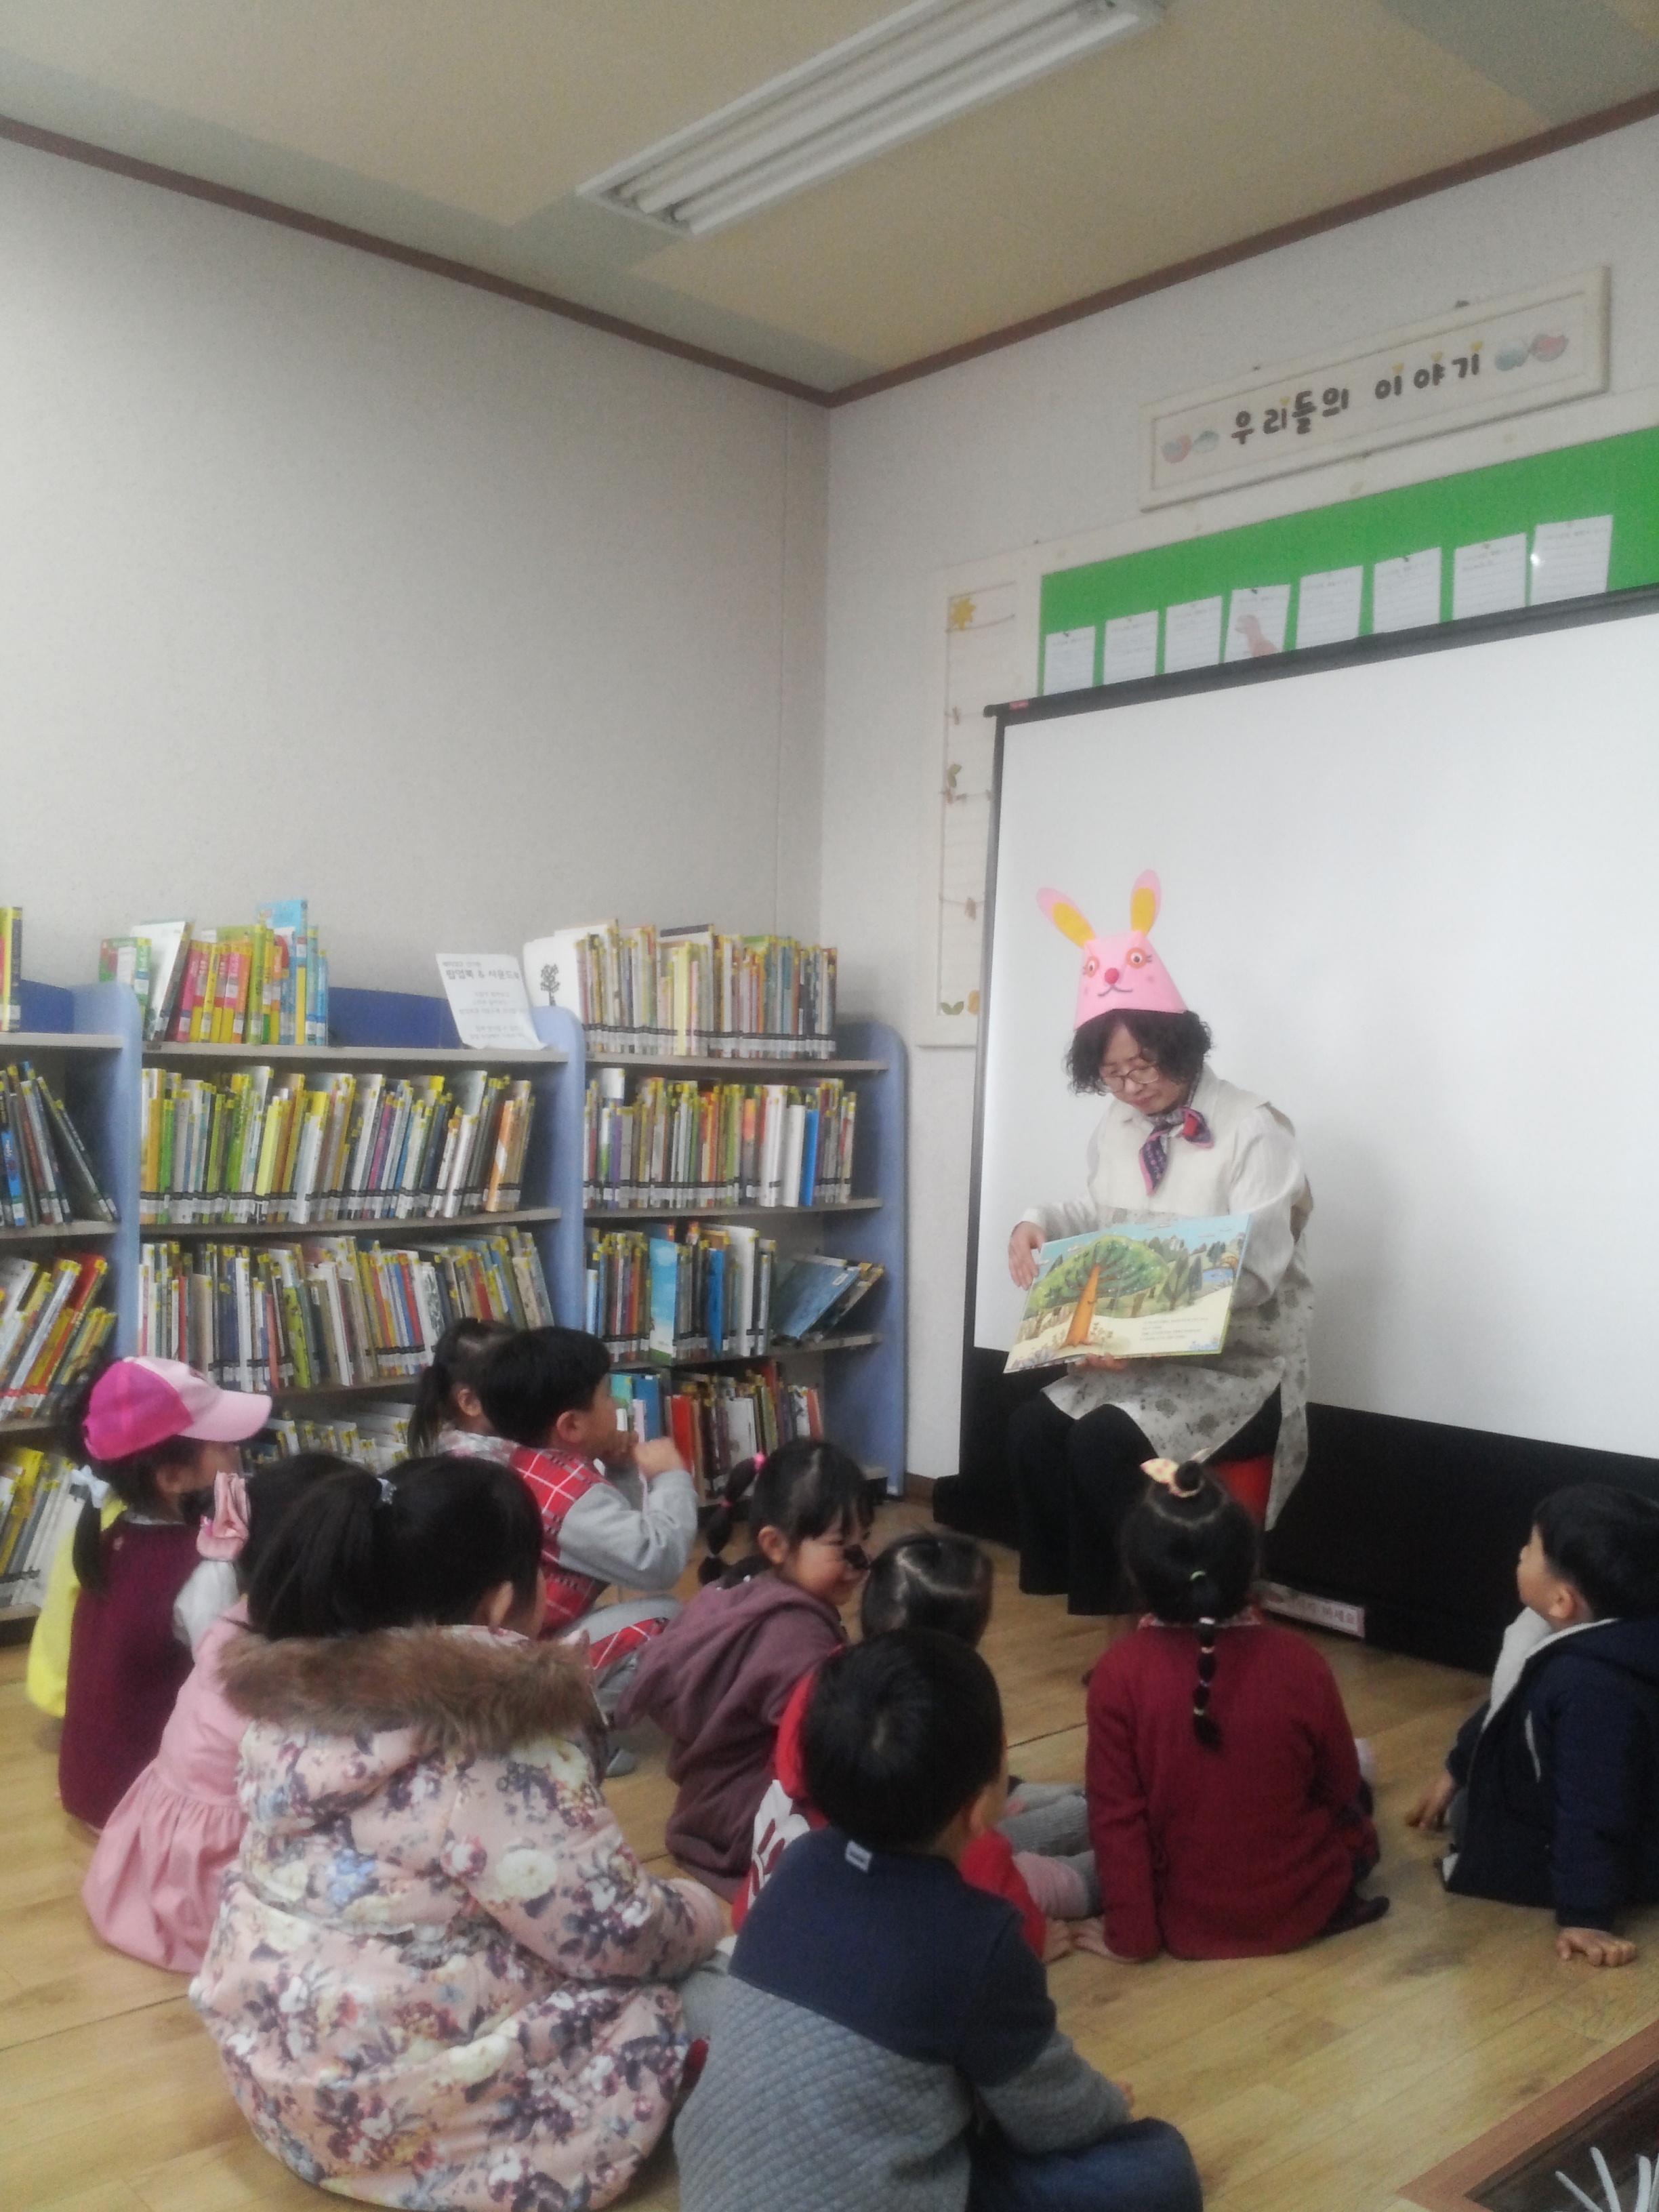 [일반] 경기포천교육도서관을 다녀왔어요의 첨부이미지 2